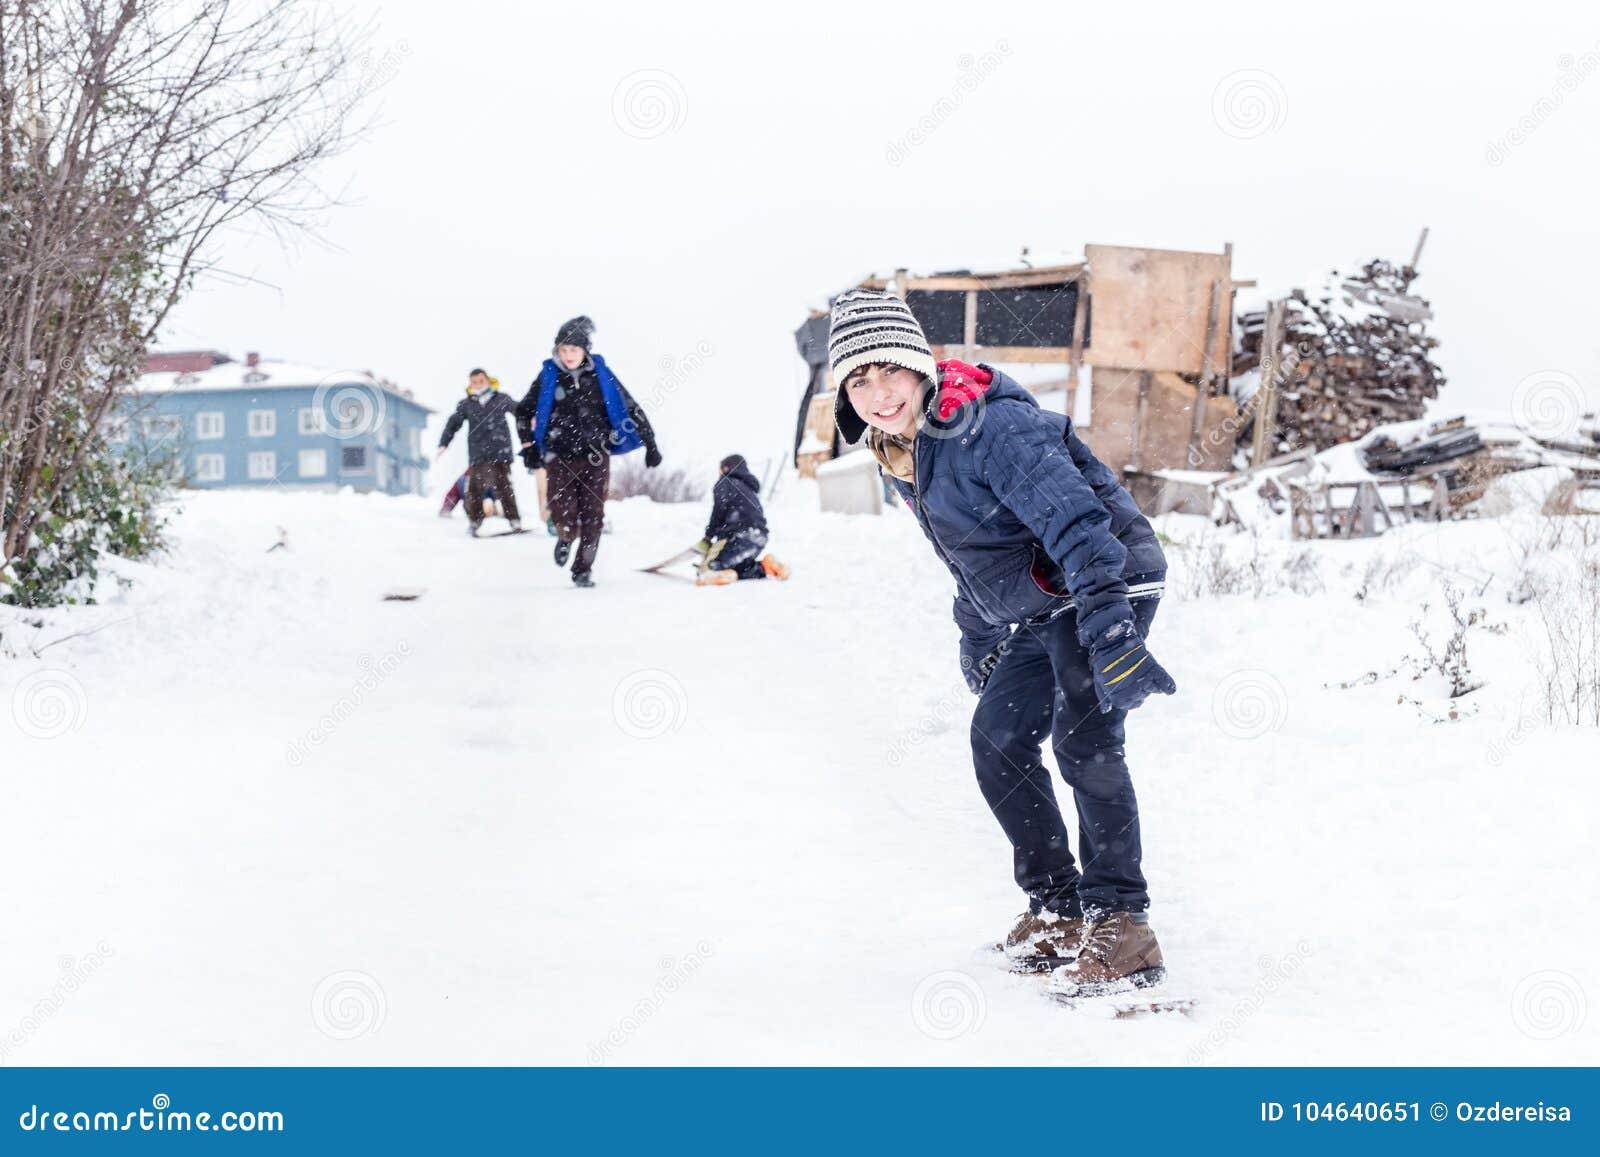 Download De Kinderen Glijden Op Sneeuw In Oude Schoolstijl Met Hardhout Redactionele Foto - Afbeelding bestaande uit seizoen, park: 104640651